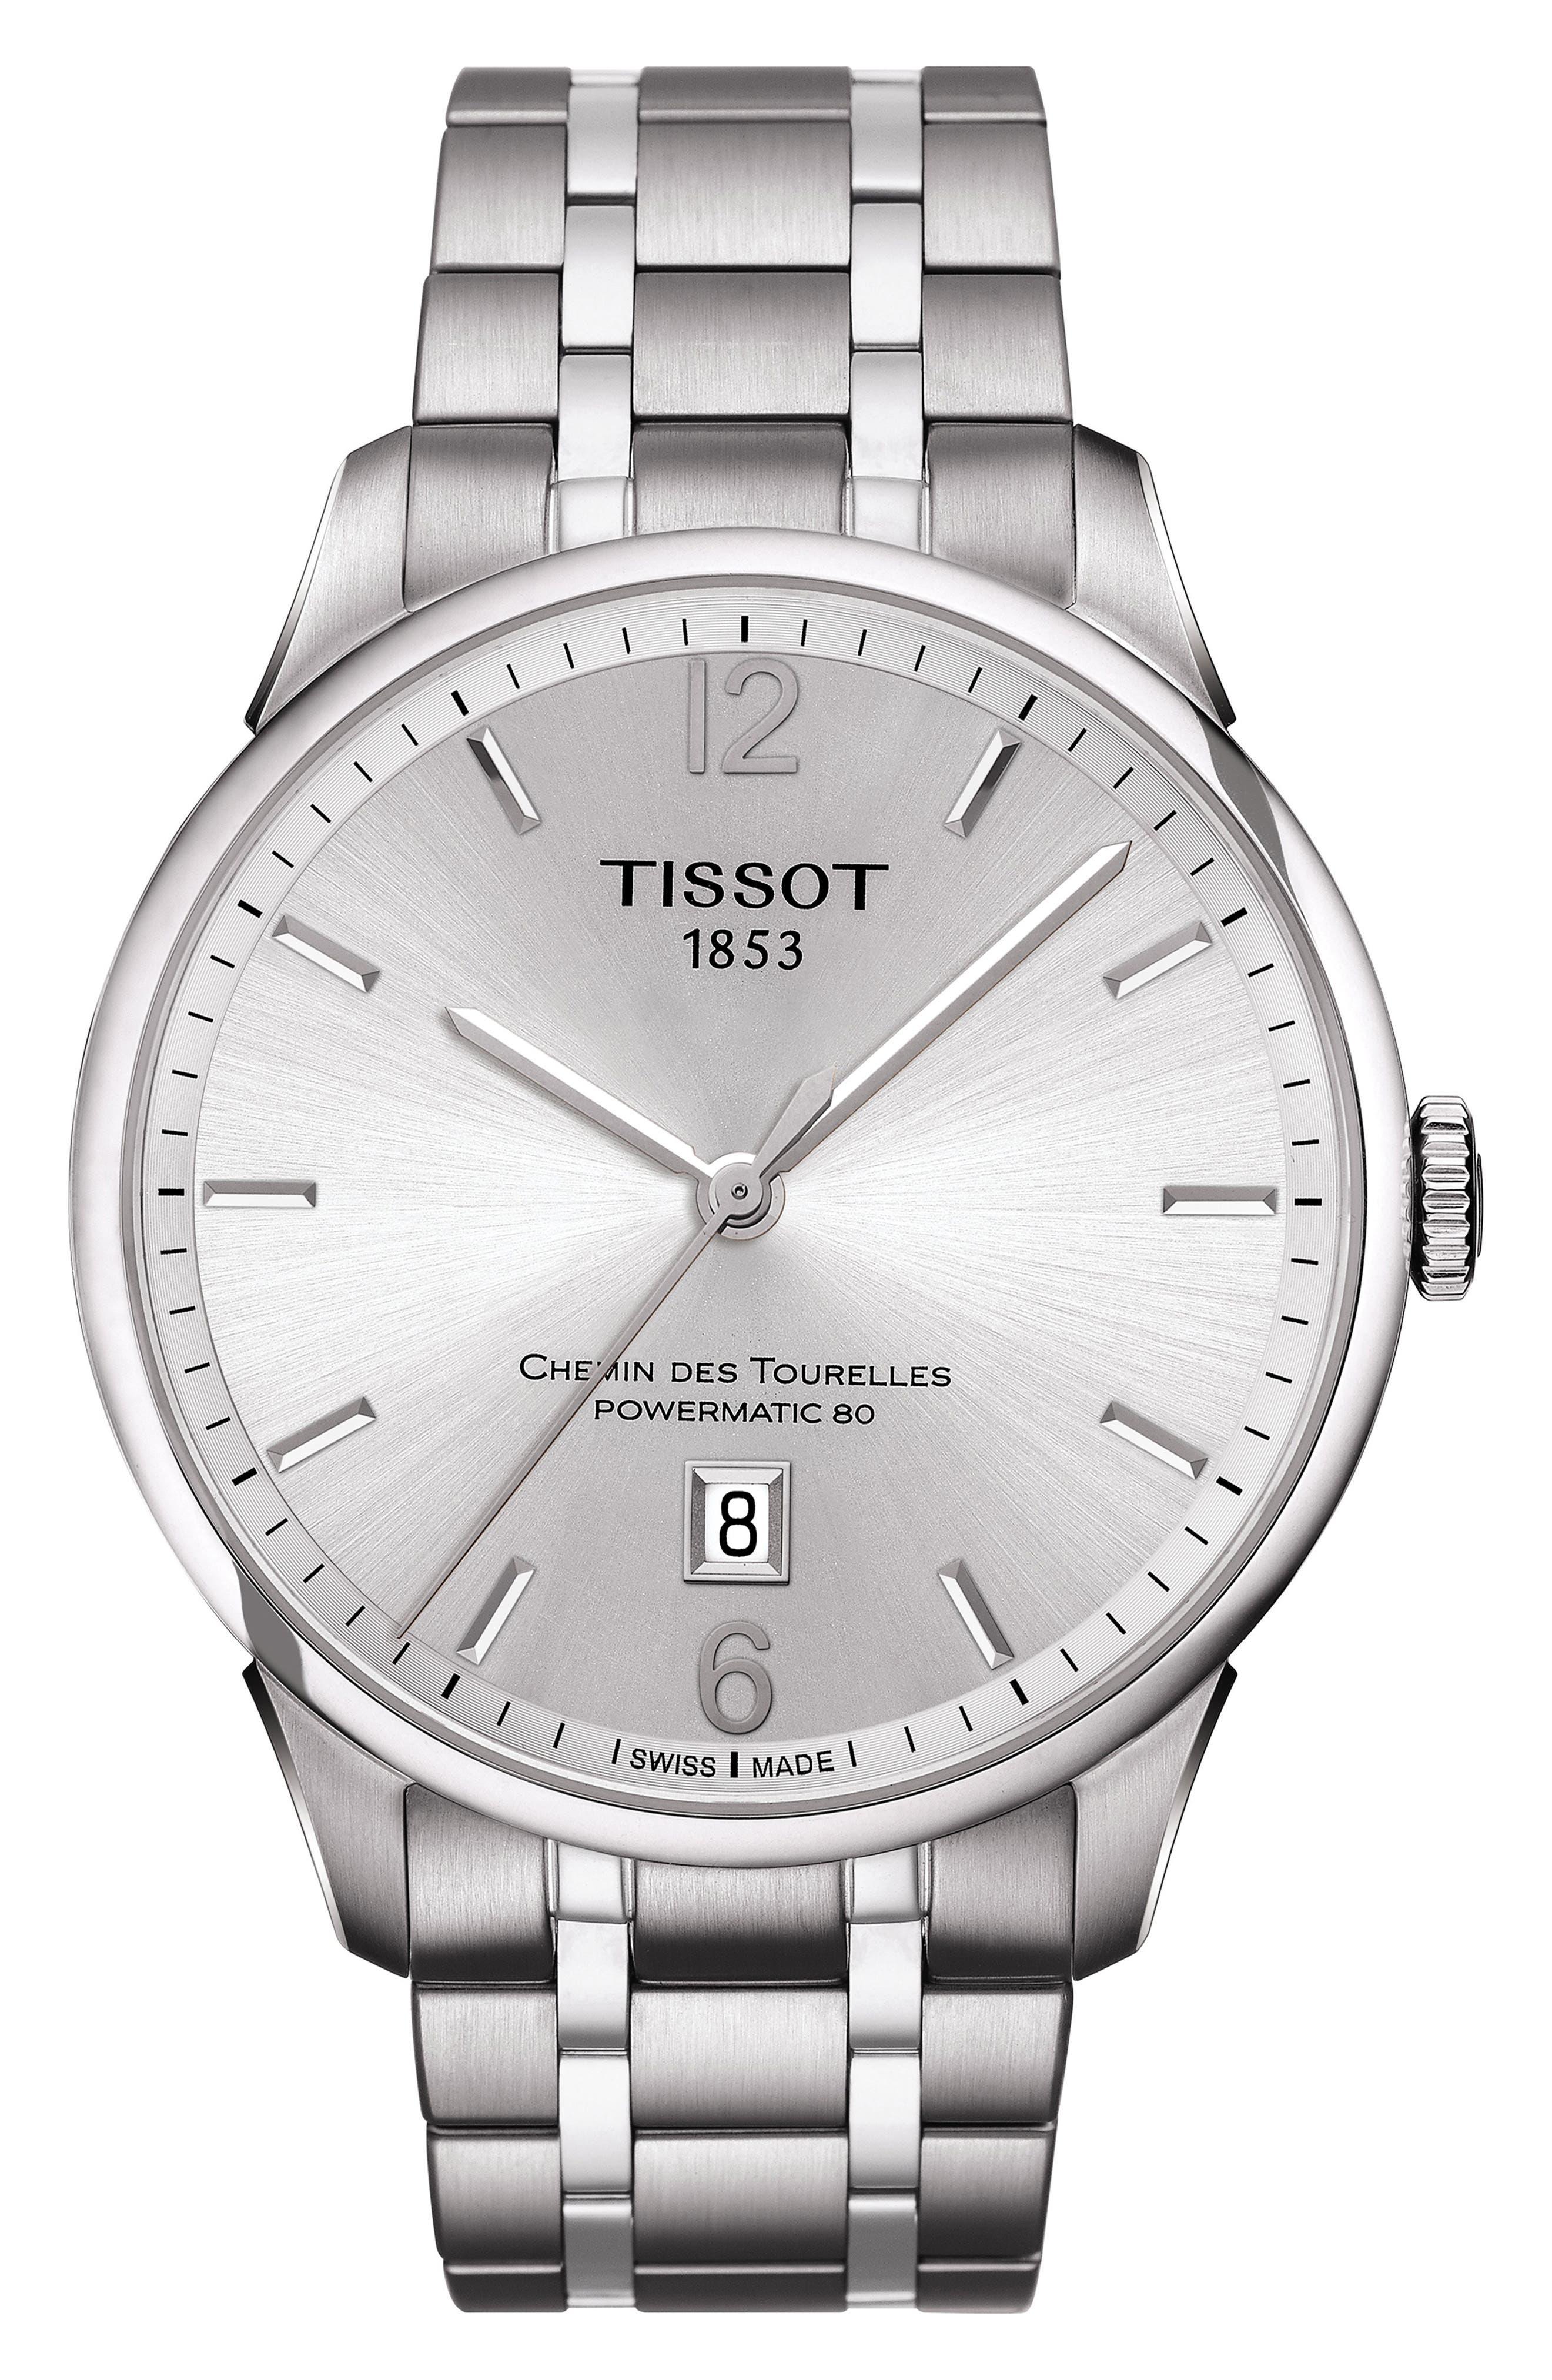 TISSOT Chemin des Tourelles Powermatic 80 Bracelet Watch, 42mm, Main, color, SILVER